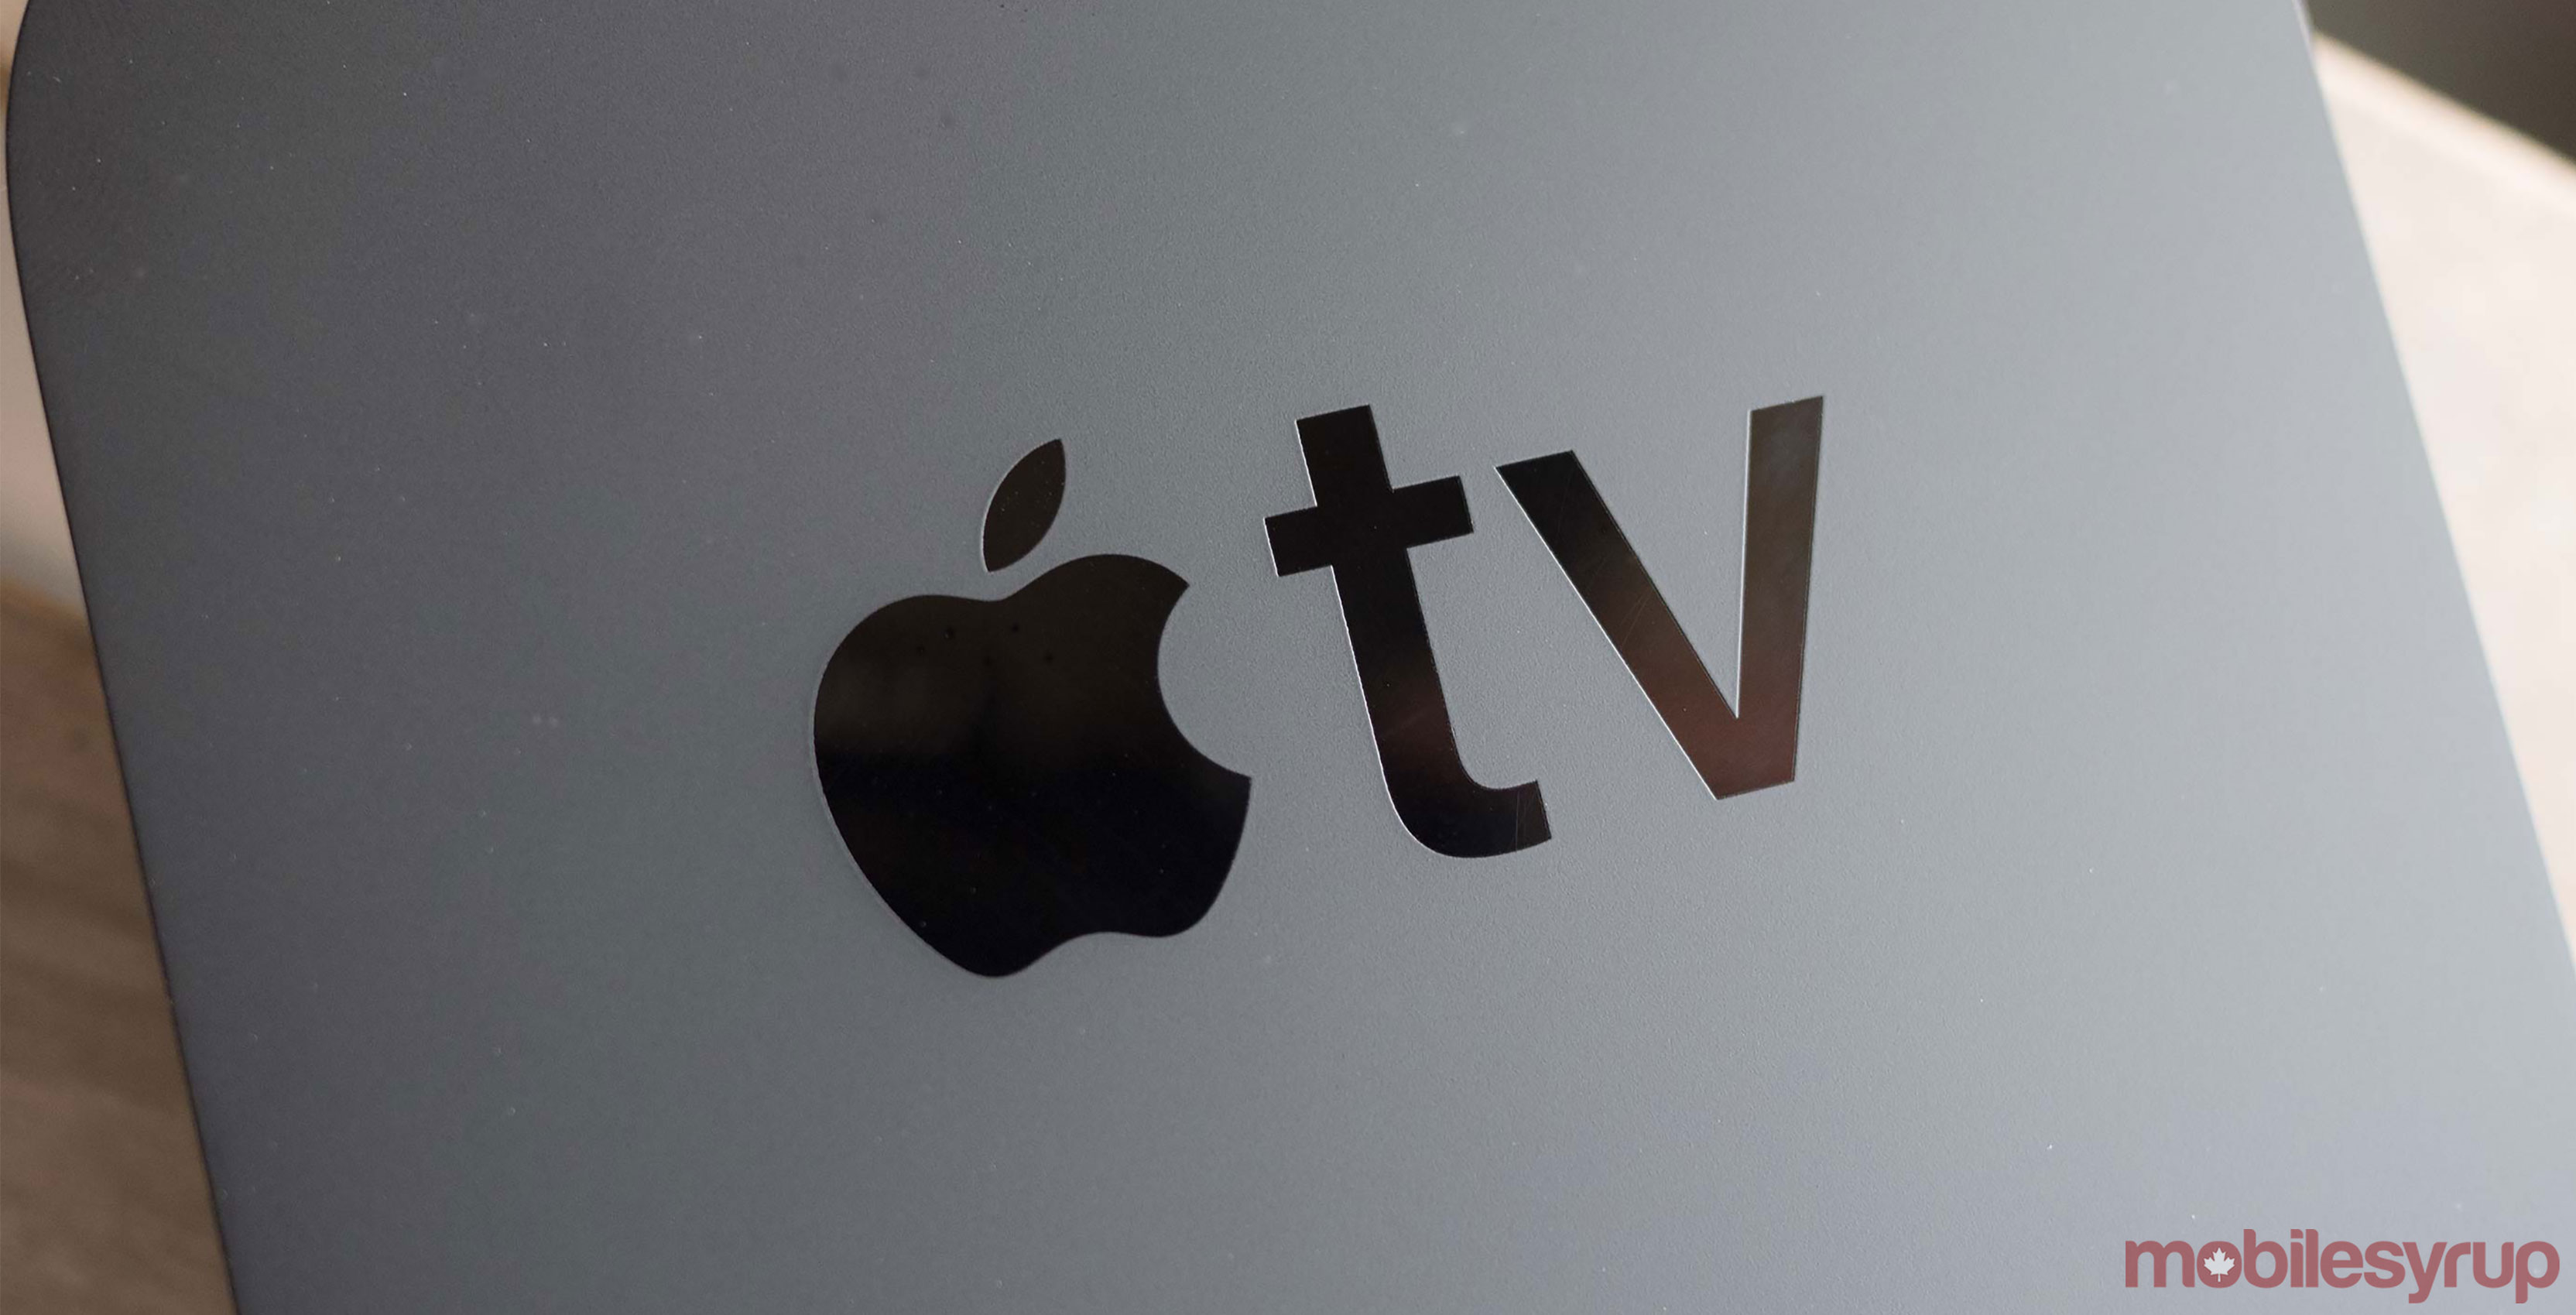 Apple TV 4th gen logo